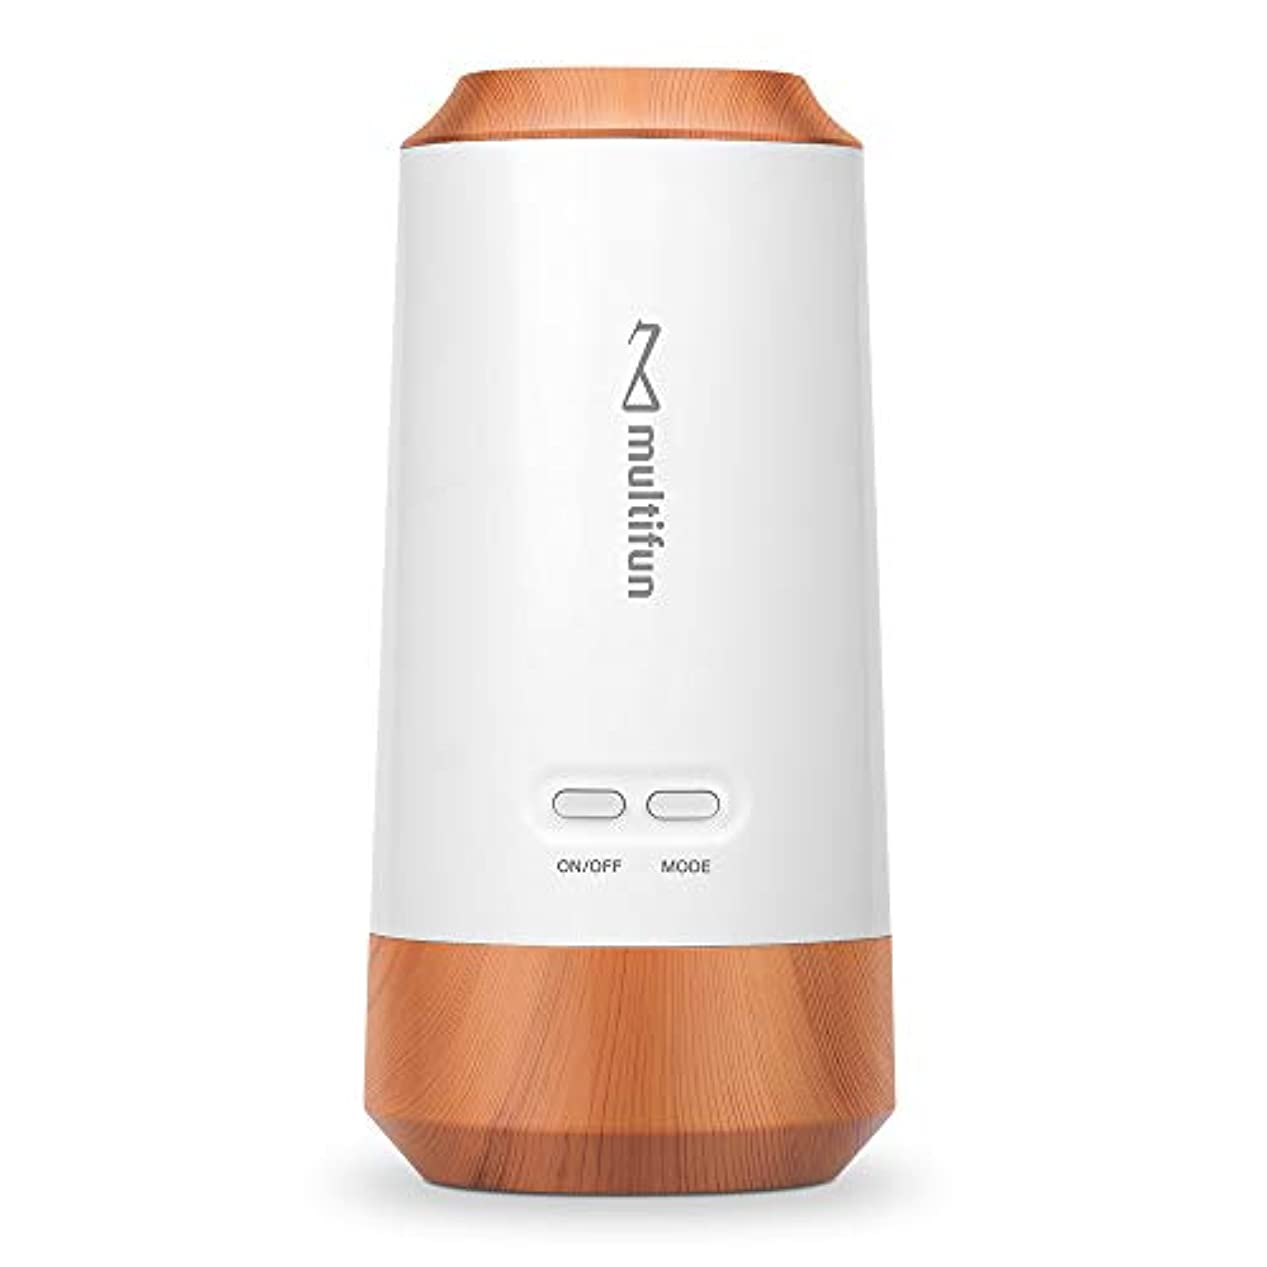 multifun アロマディフューザー ネブライザー式 気化式 車載用 コードレス 水を使わない 充電式 静音 車用 10mlアロマ320時間使える 精油瓶1個 スポイト付き 6畳~9畳まで